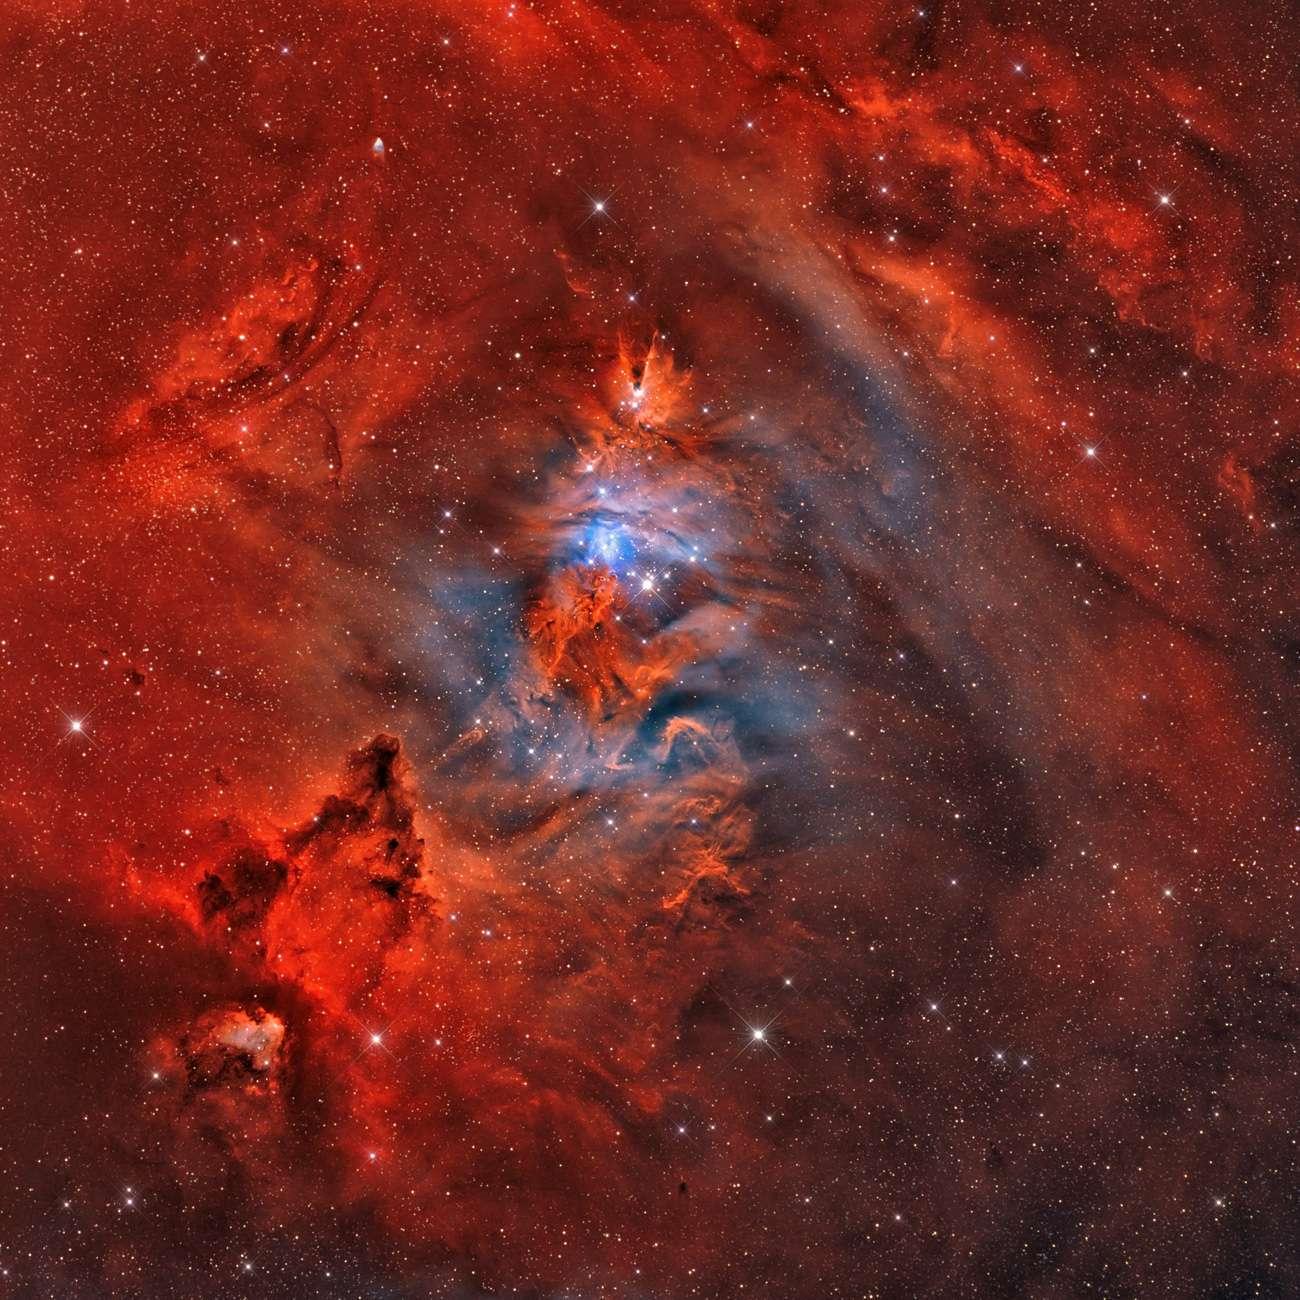 NGC 2264, la nébuleuse du Cône, révèle toute sa beauté et la richesse de ses couleurs sur cette superbe image représentant 14 heures de poses photographiques. © Rolf Geissinger